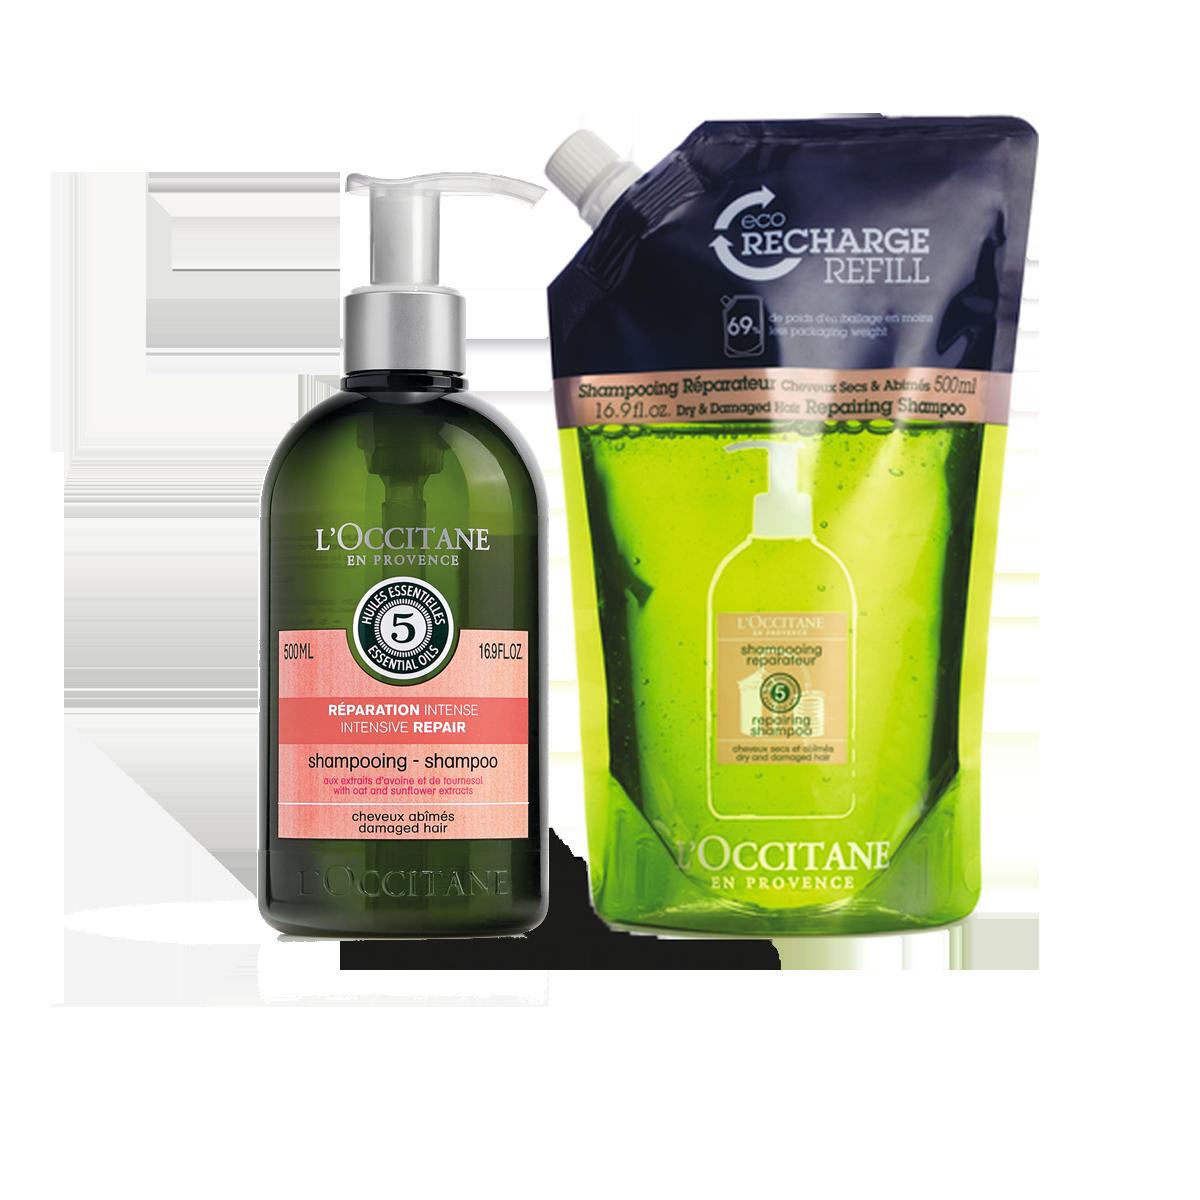 環保修護洗髮組